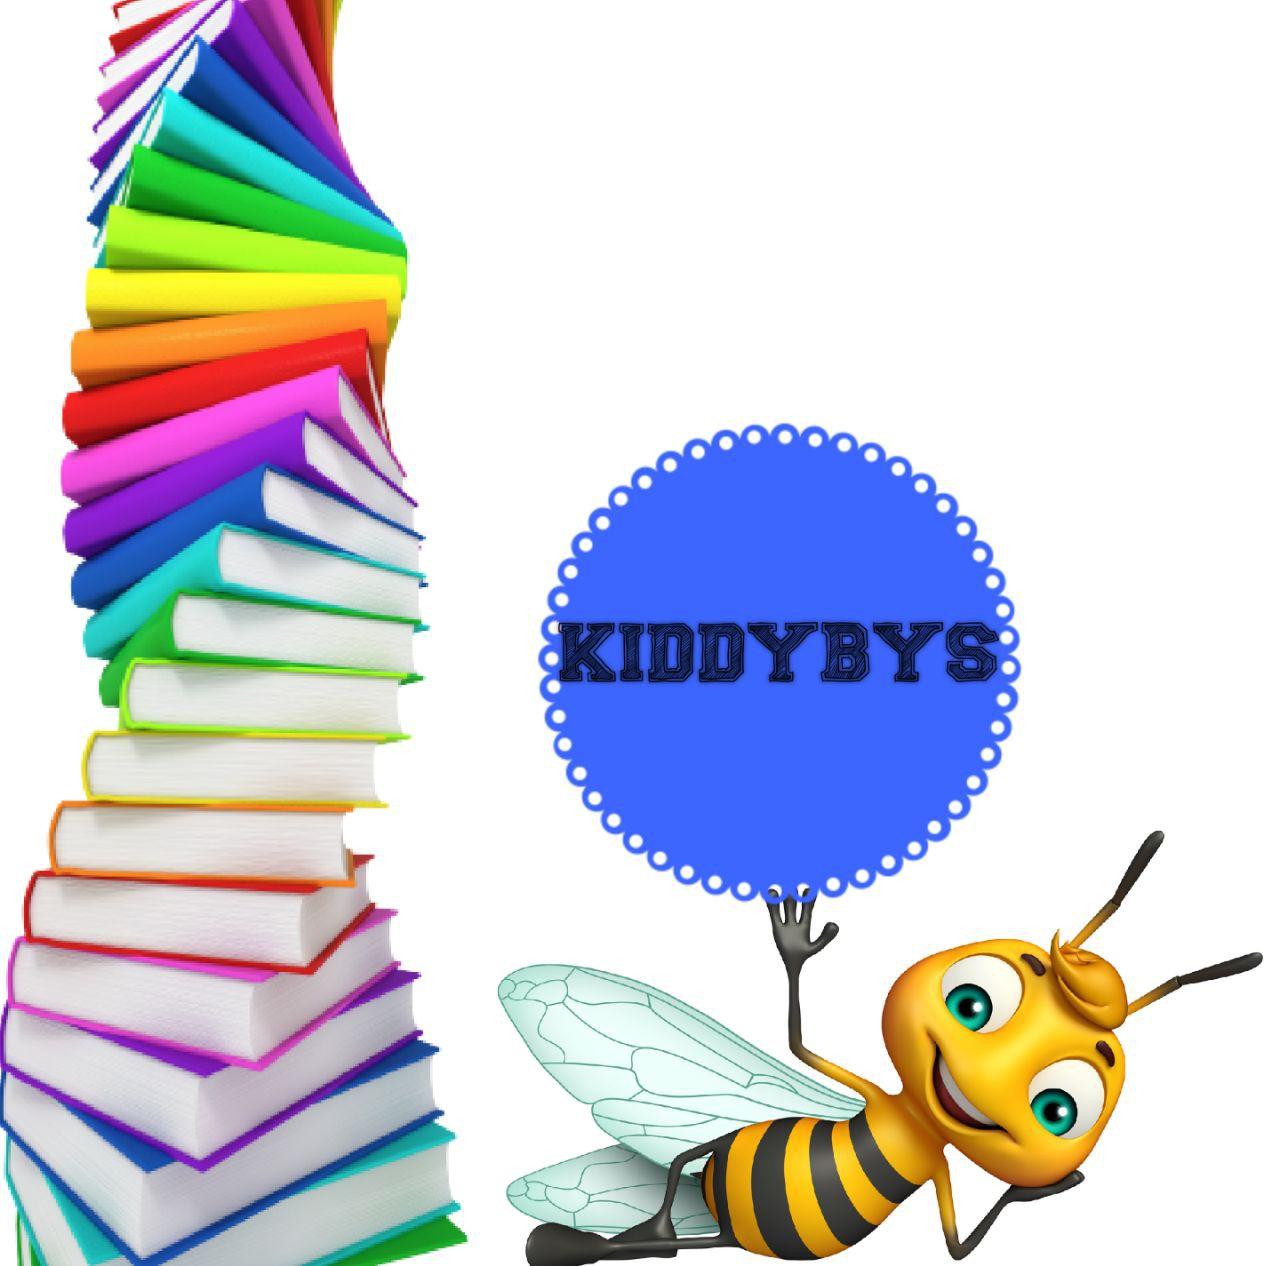 KIDDYBYS (2 à 4 ans)